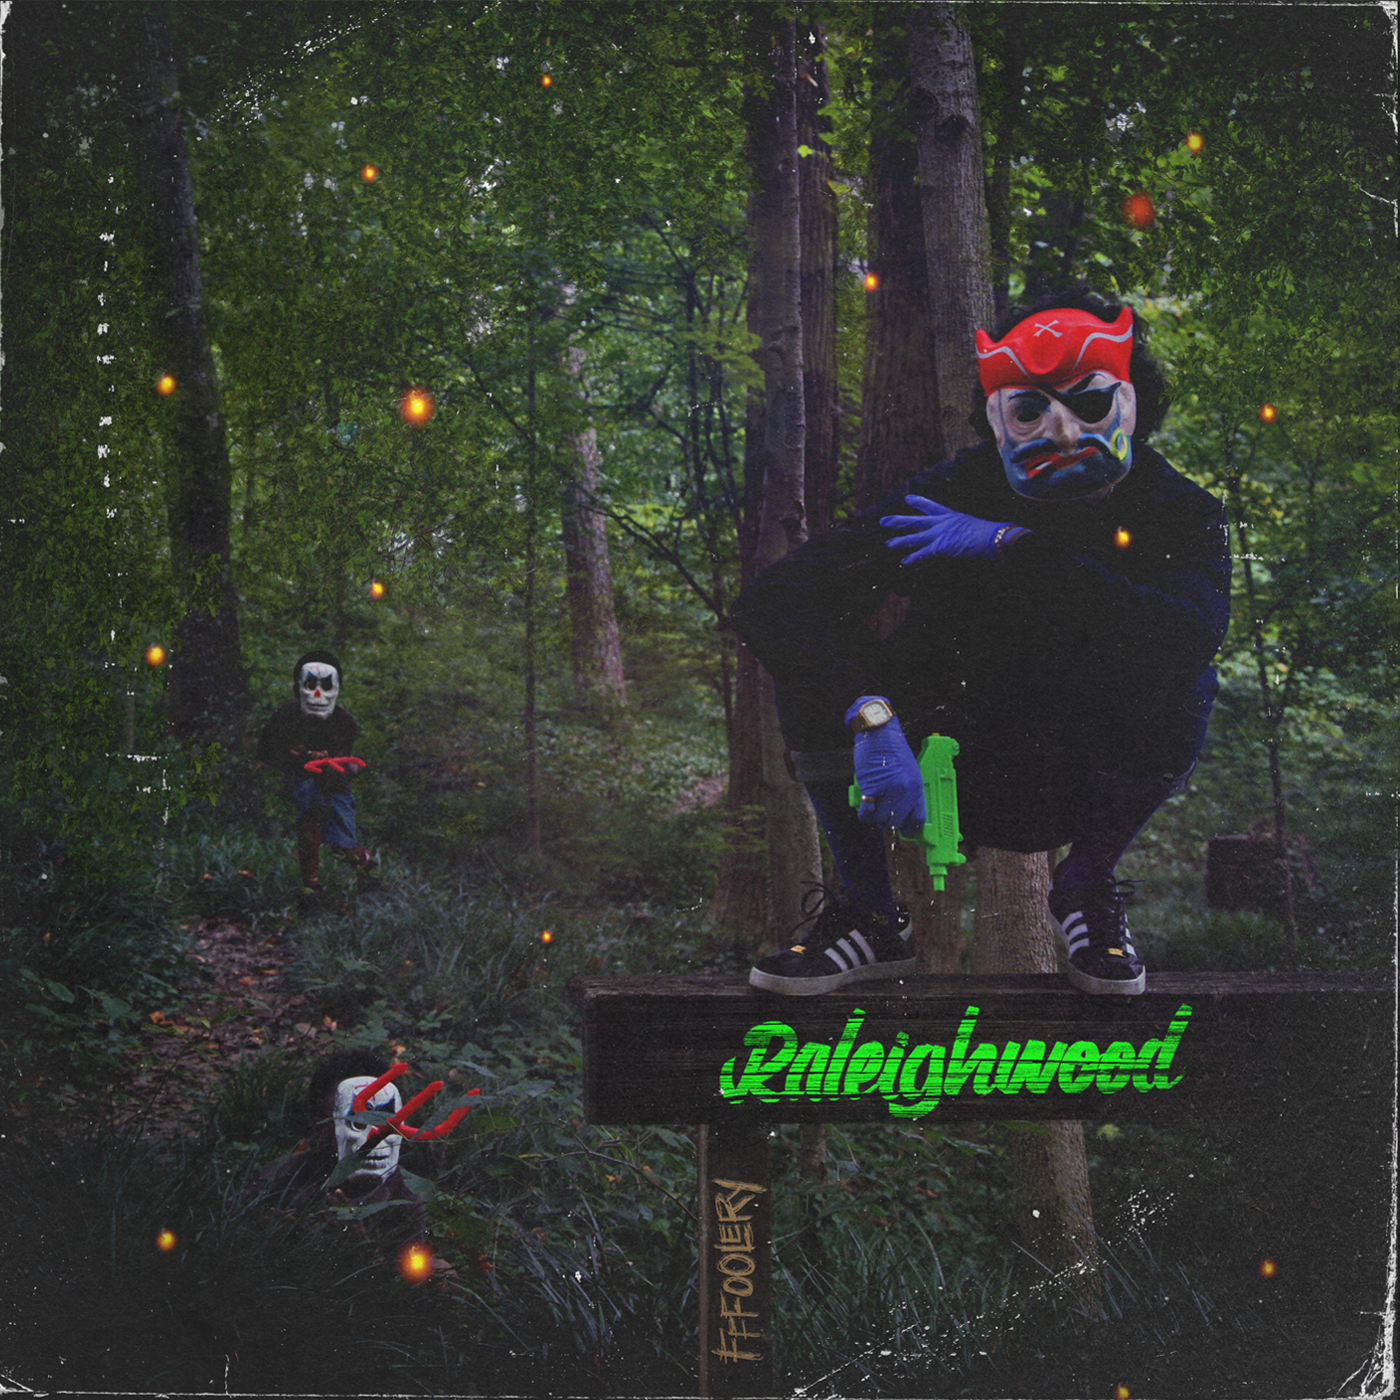 Raleighwood Cover [1400x1400].jpg